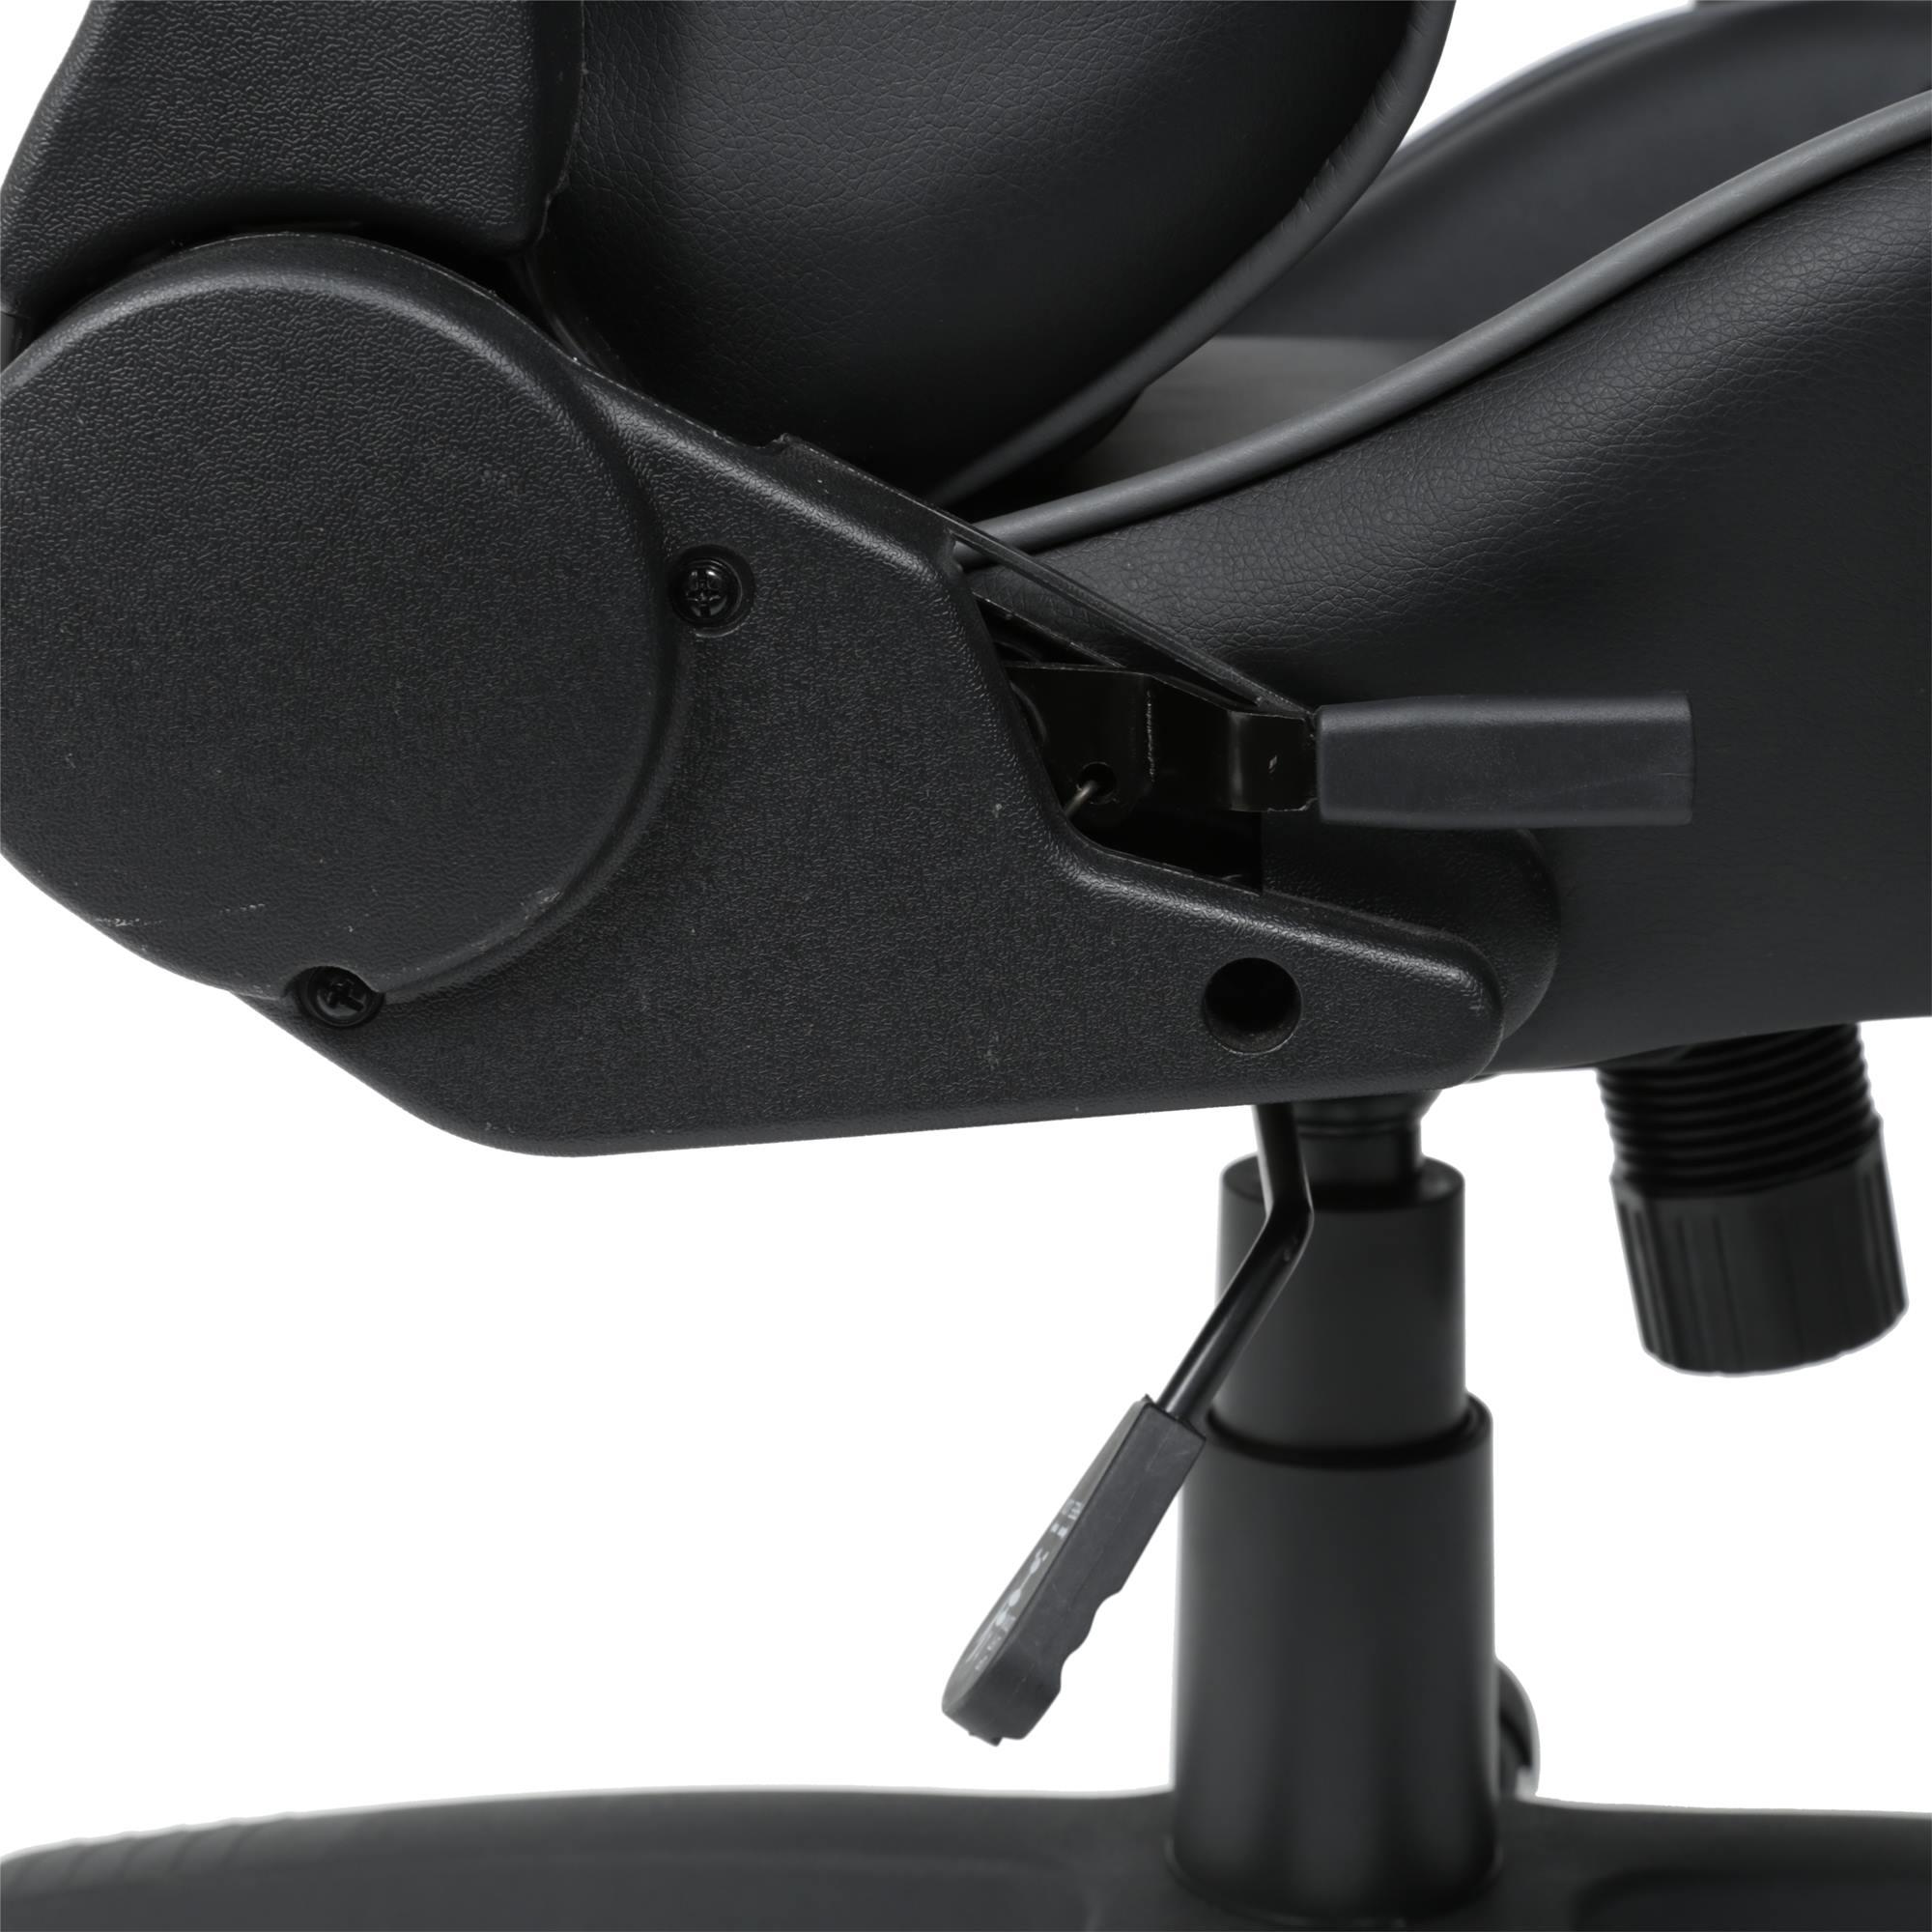 Cadeira Office Gamer Fun em PU cor Preto com Base Nylon - 46655